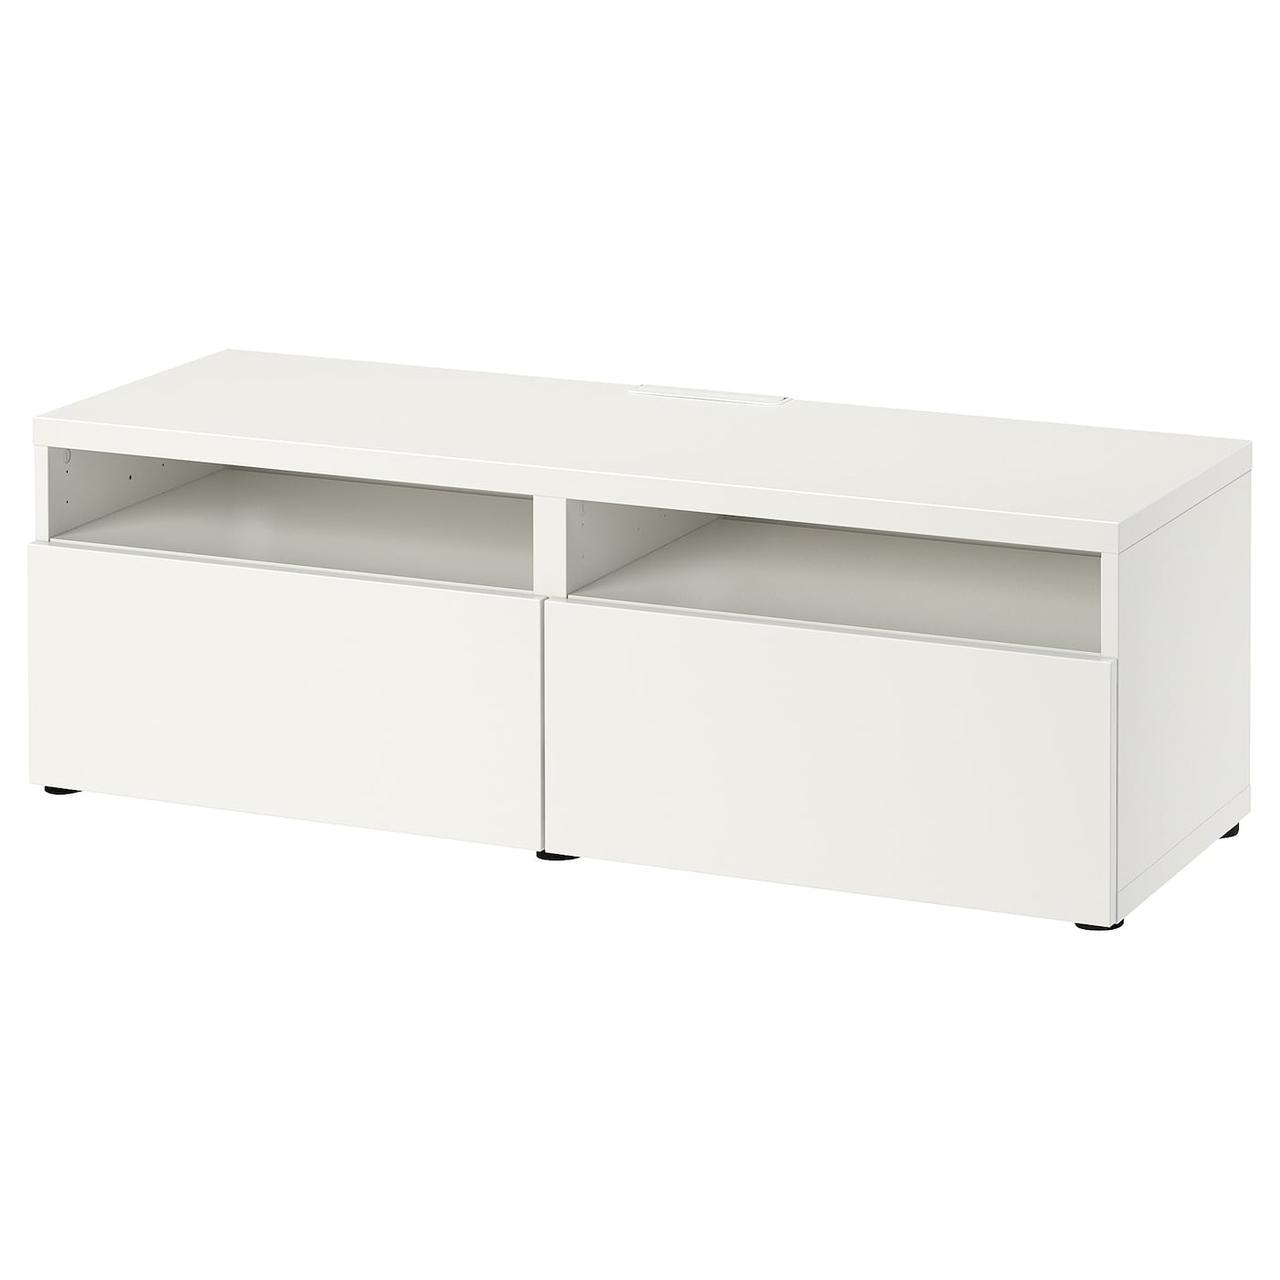 IKEA BESTA Тумба под телевизор 120x42x39 см (593.243.52), фото 1